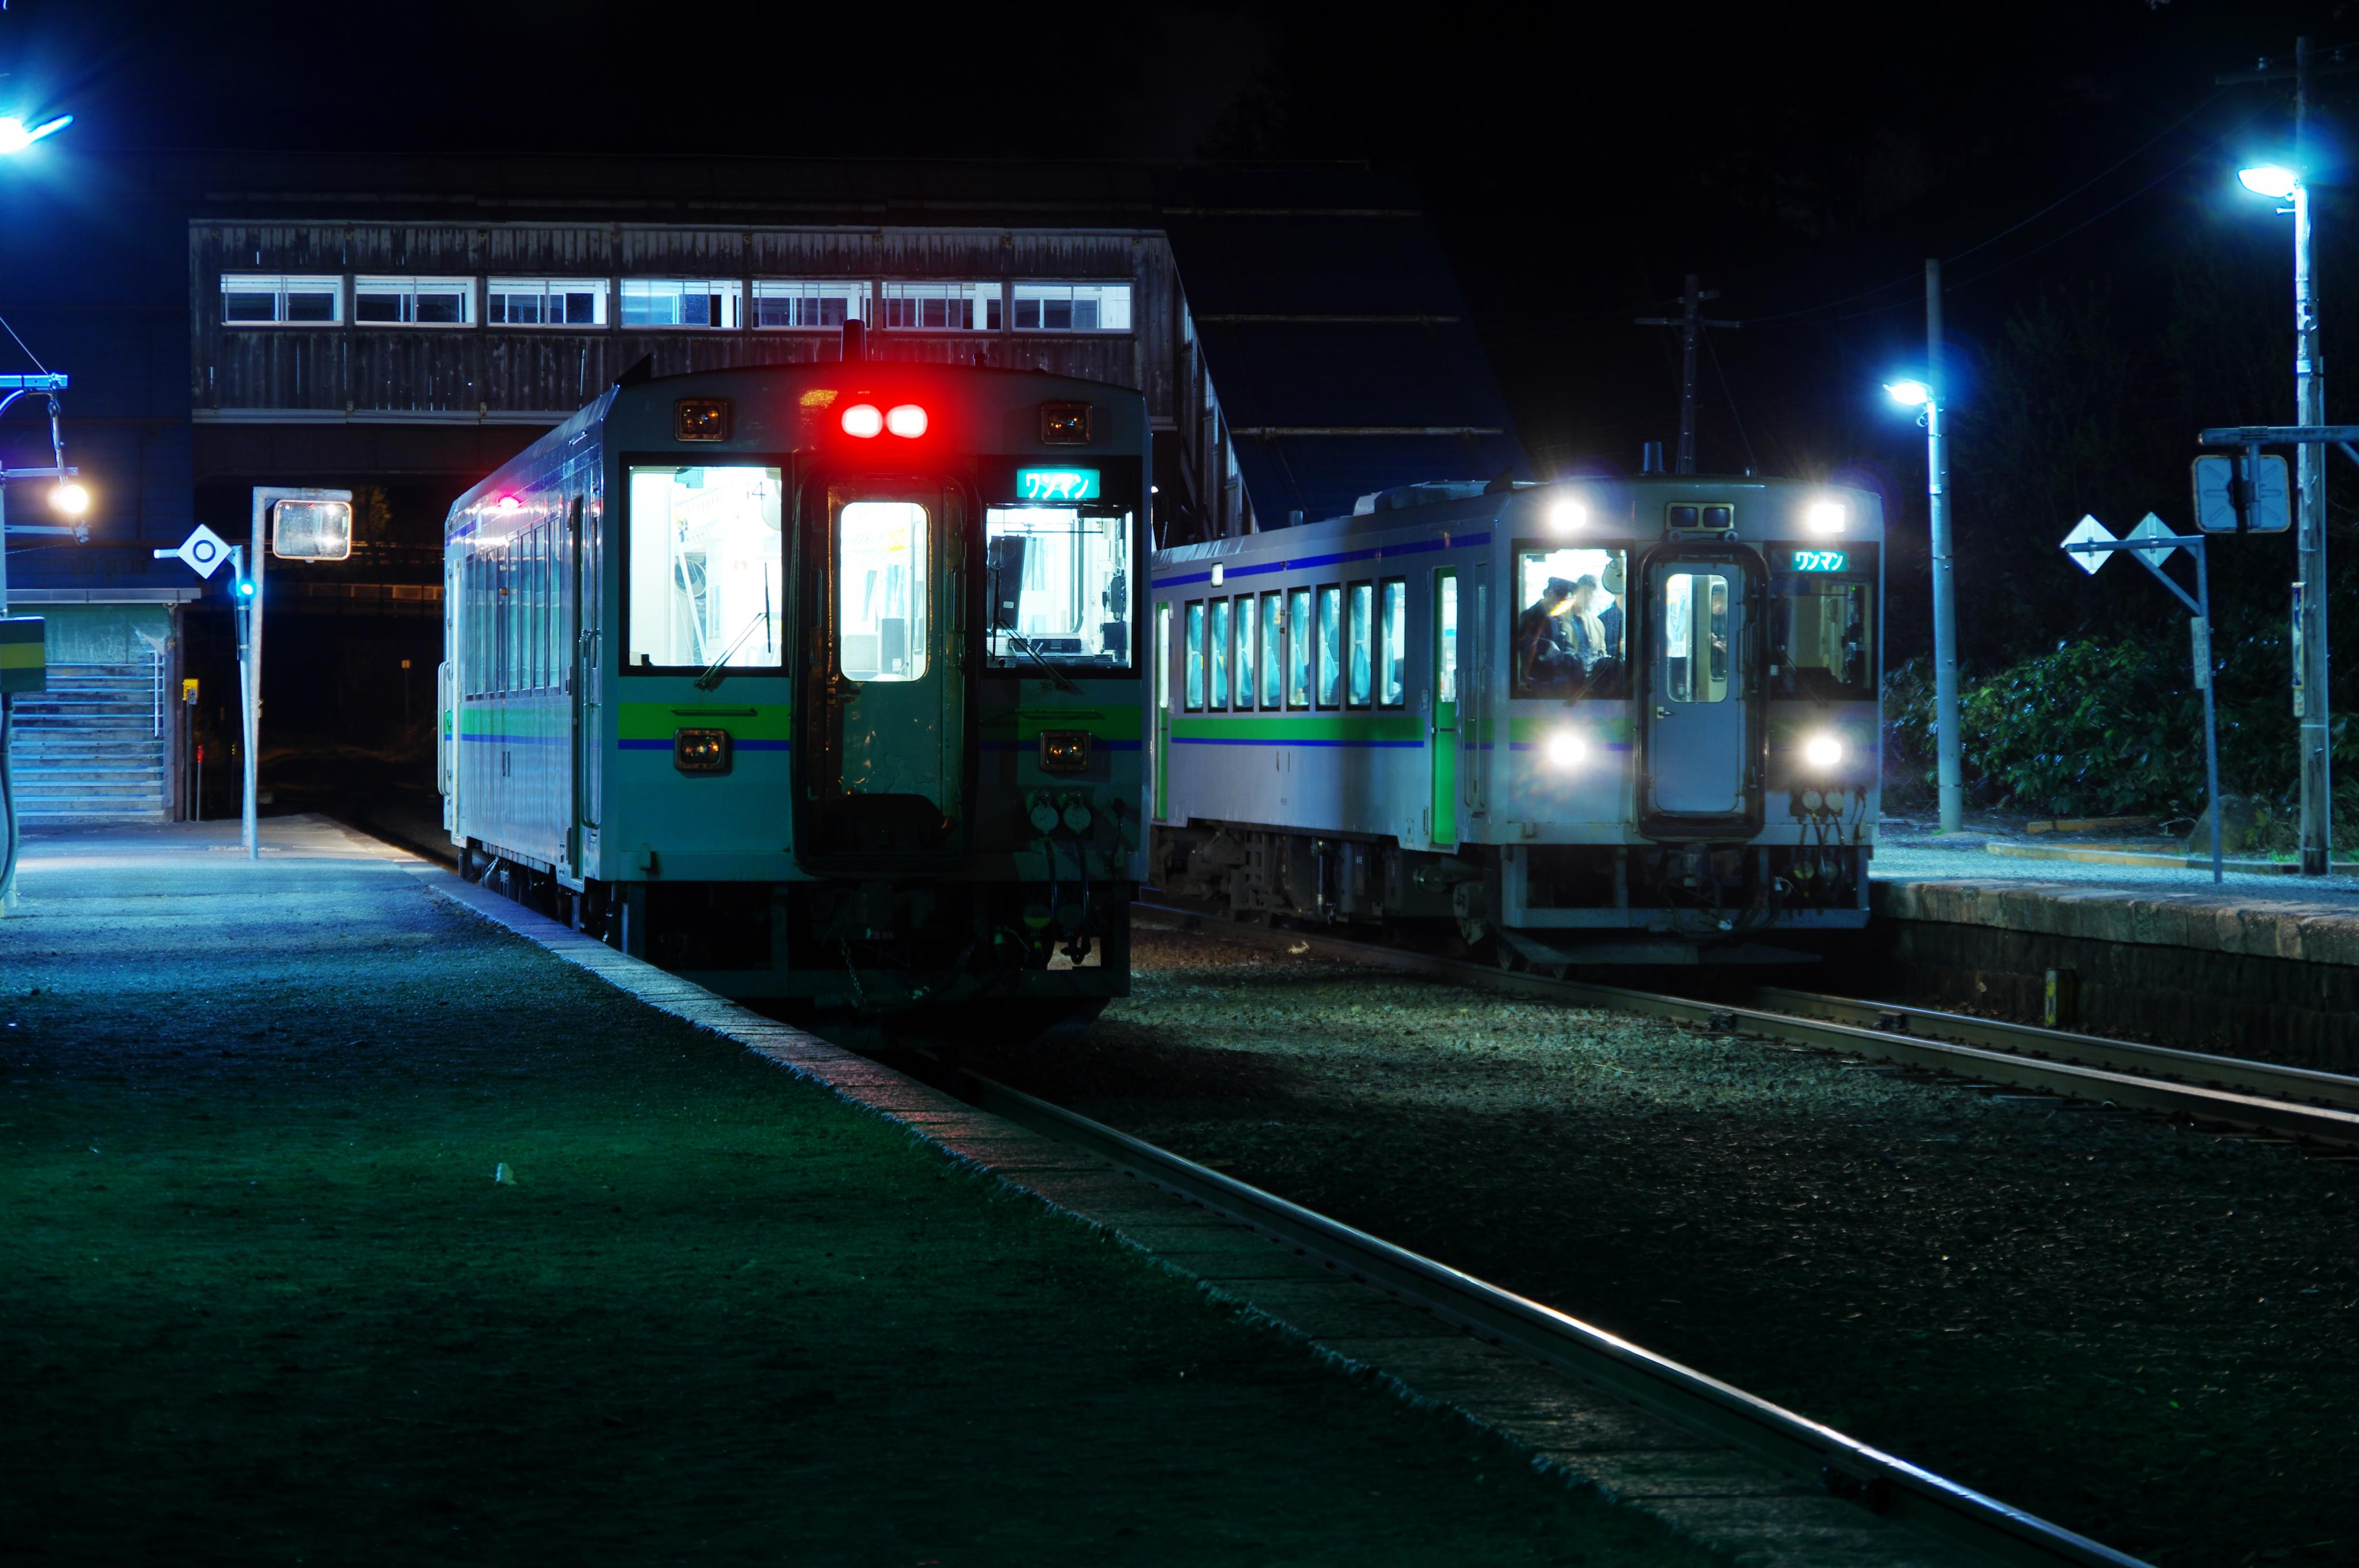 キハ150 1962D & 2959D 塩谷駅 平成最終列車の交換_190430.jpg